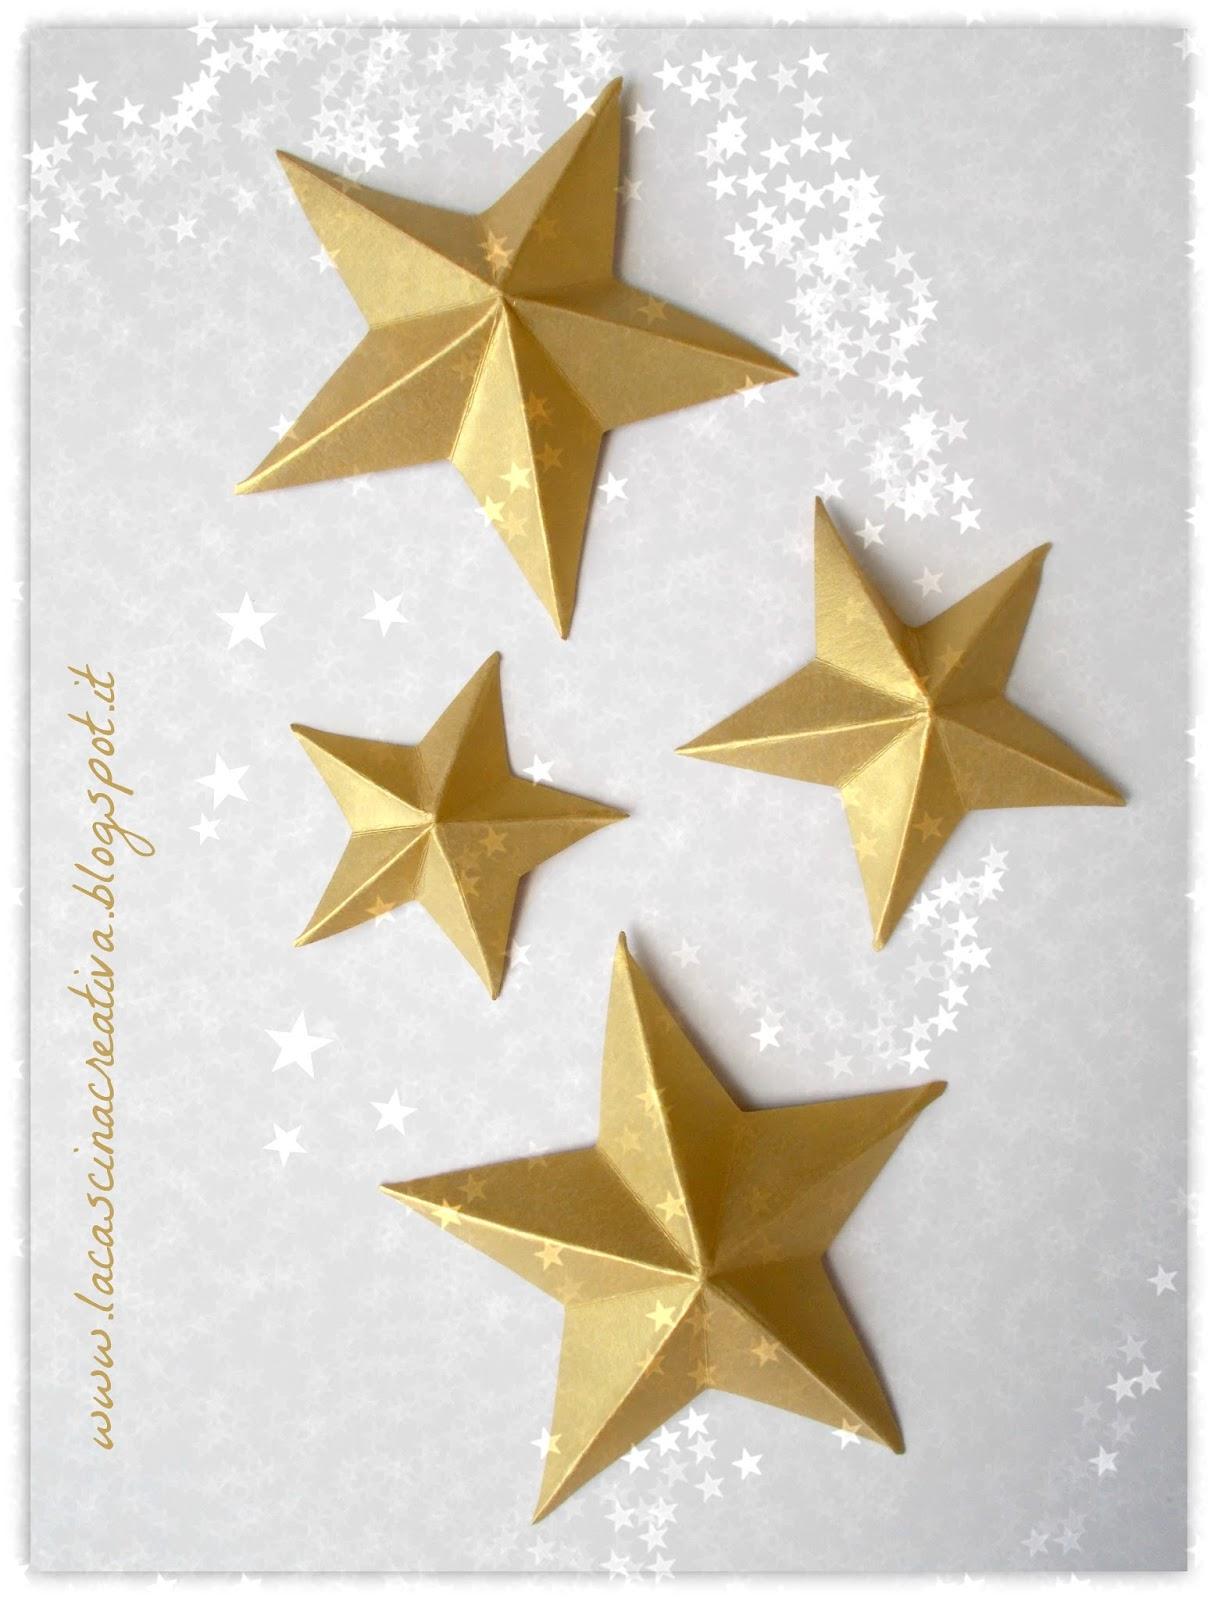 La cascina creativa tutorial per realizzare le stelle for Stelle di carta tridimensionali